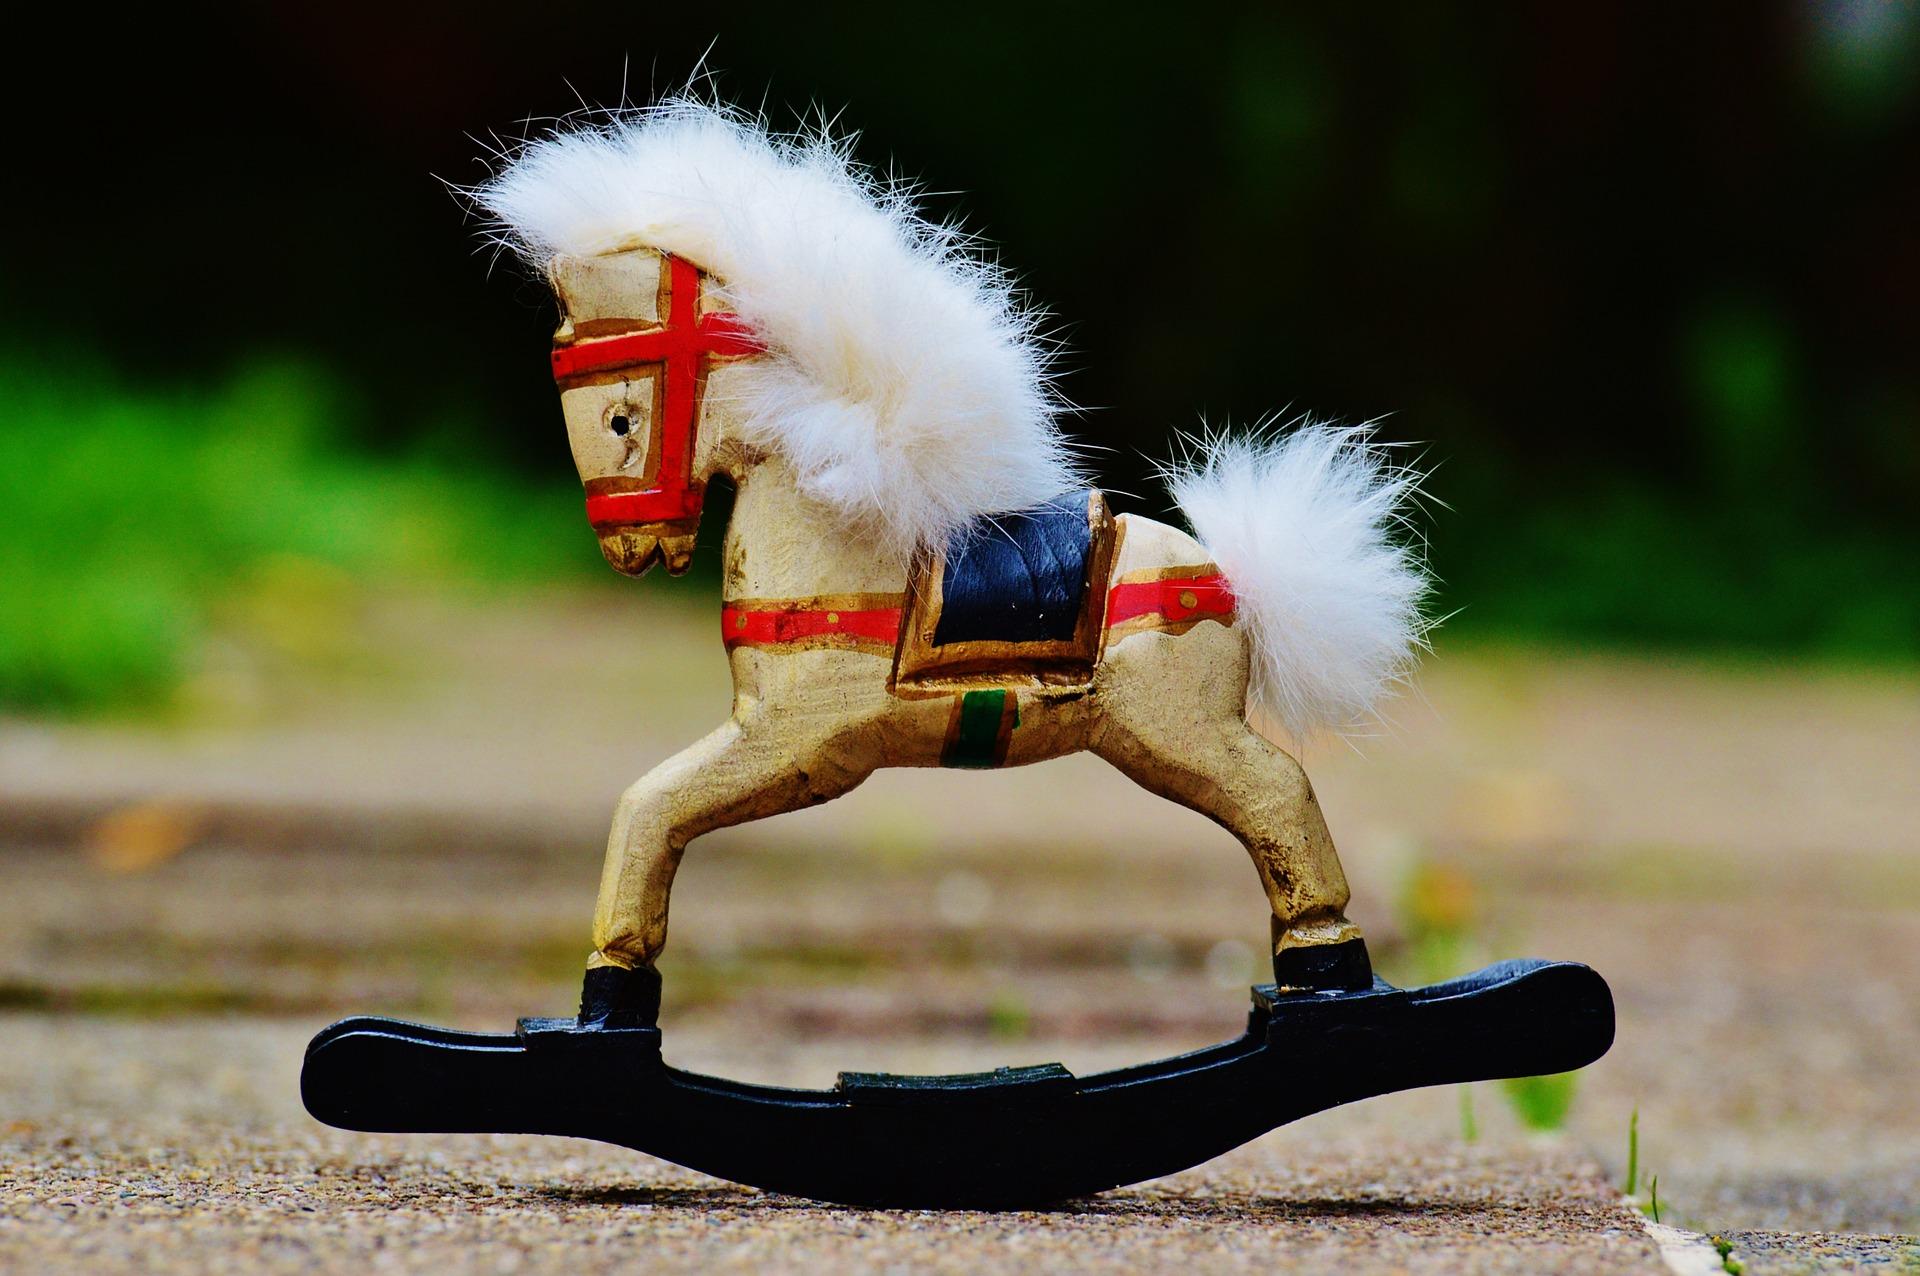 rocking-horse-982789_1920